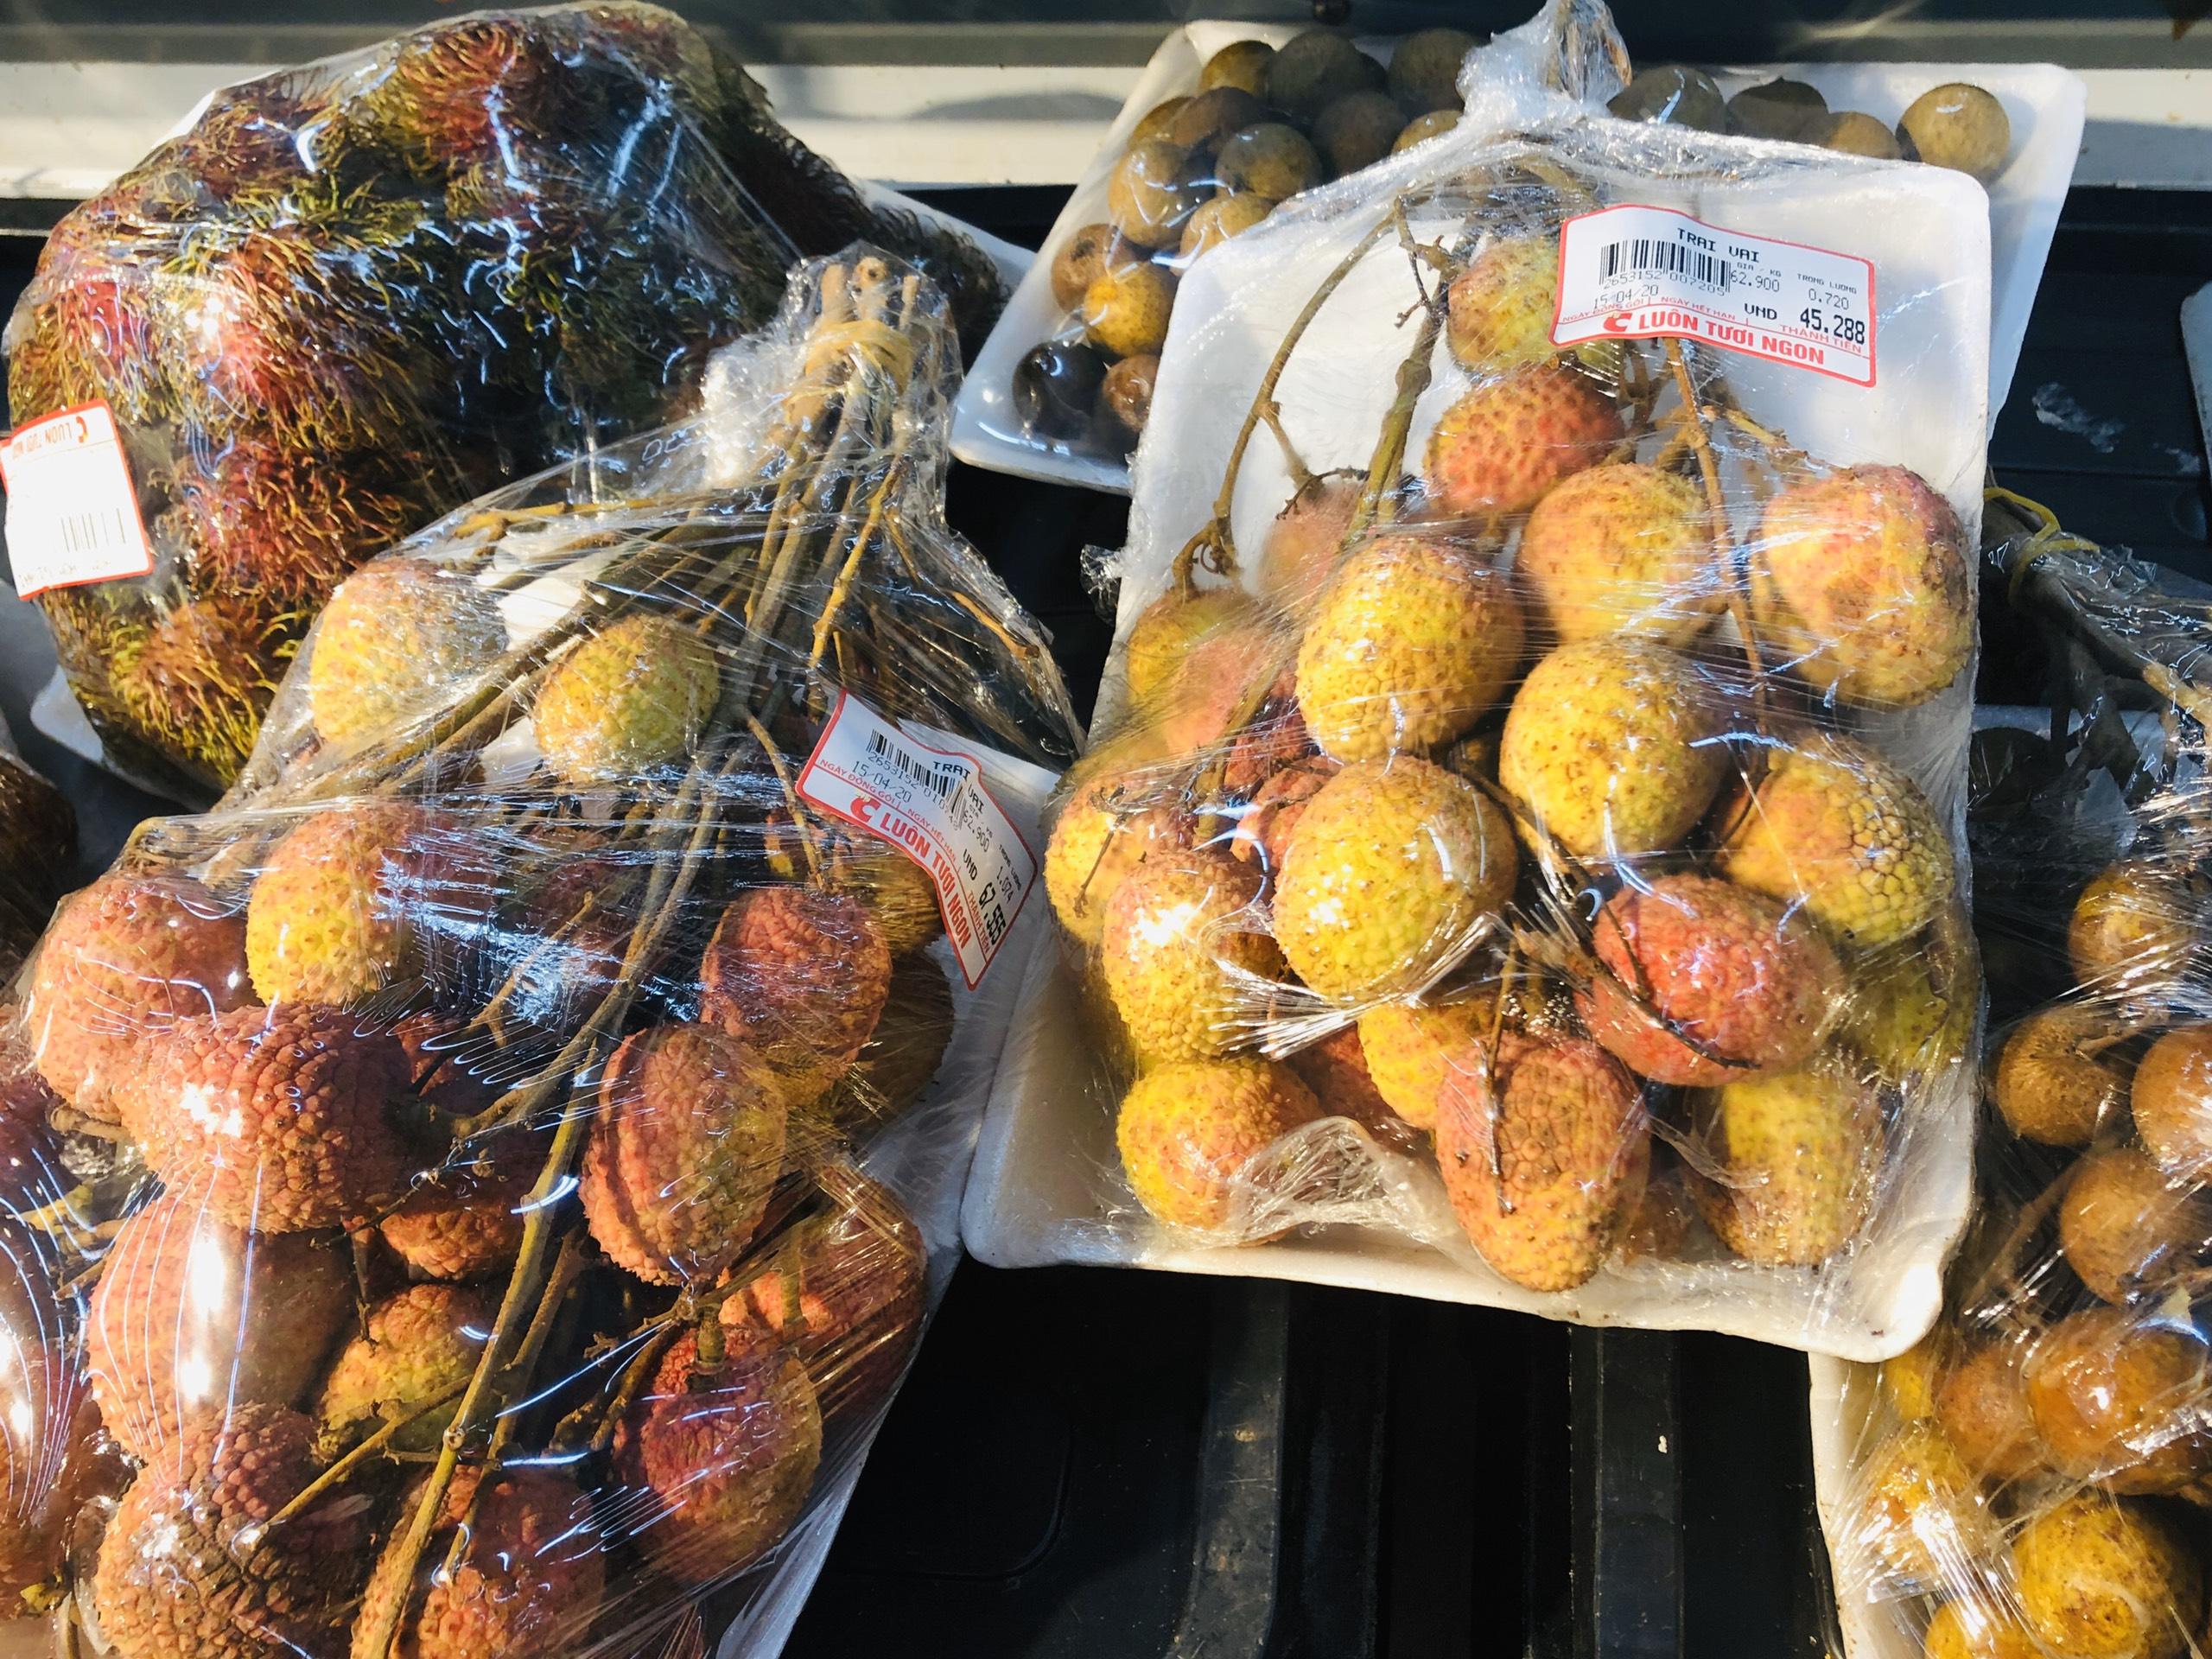 Vải đầu mùa: Siêu thị bán 60.000 đồng/kg, chợ dân sinh bán 30.000 đồng/kg